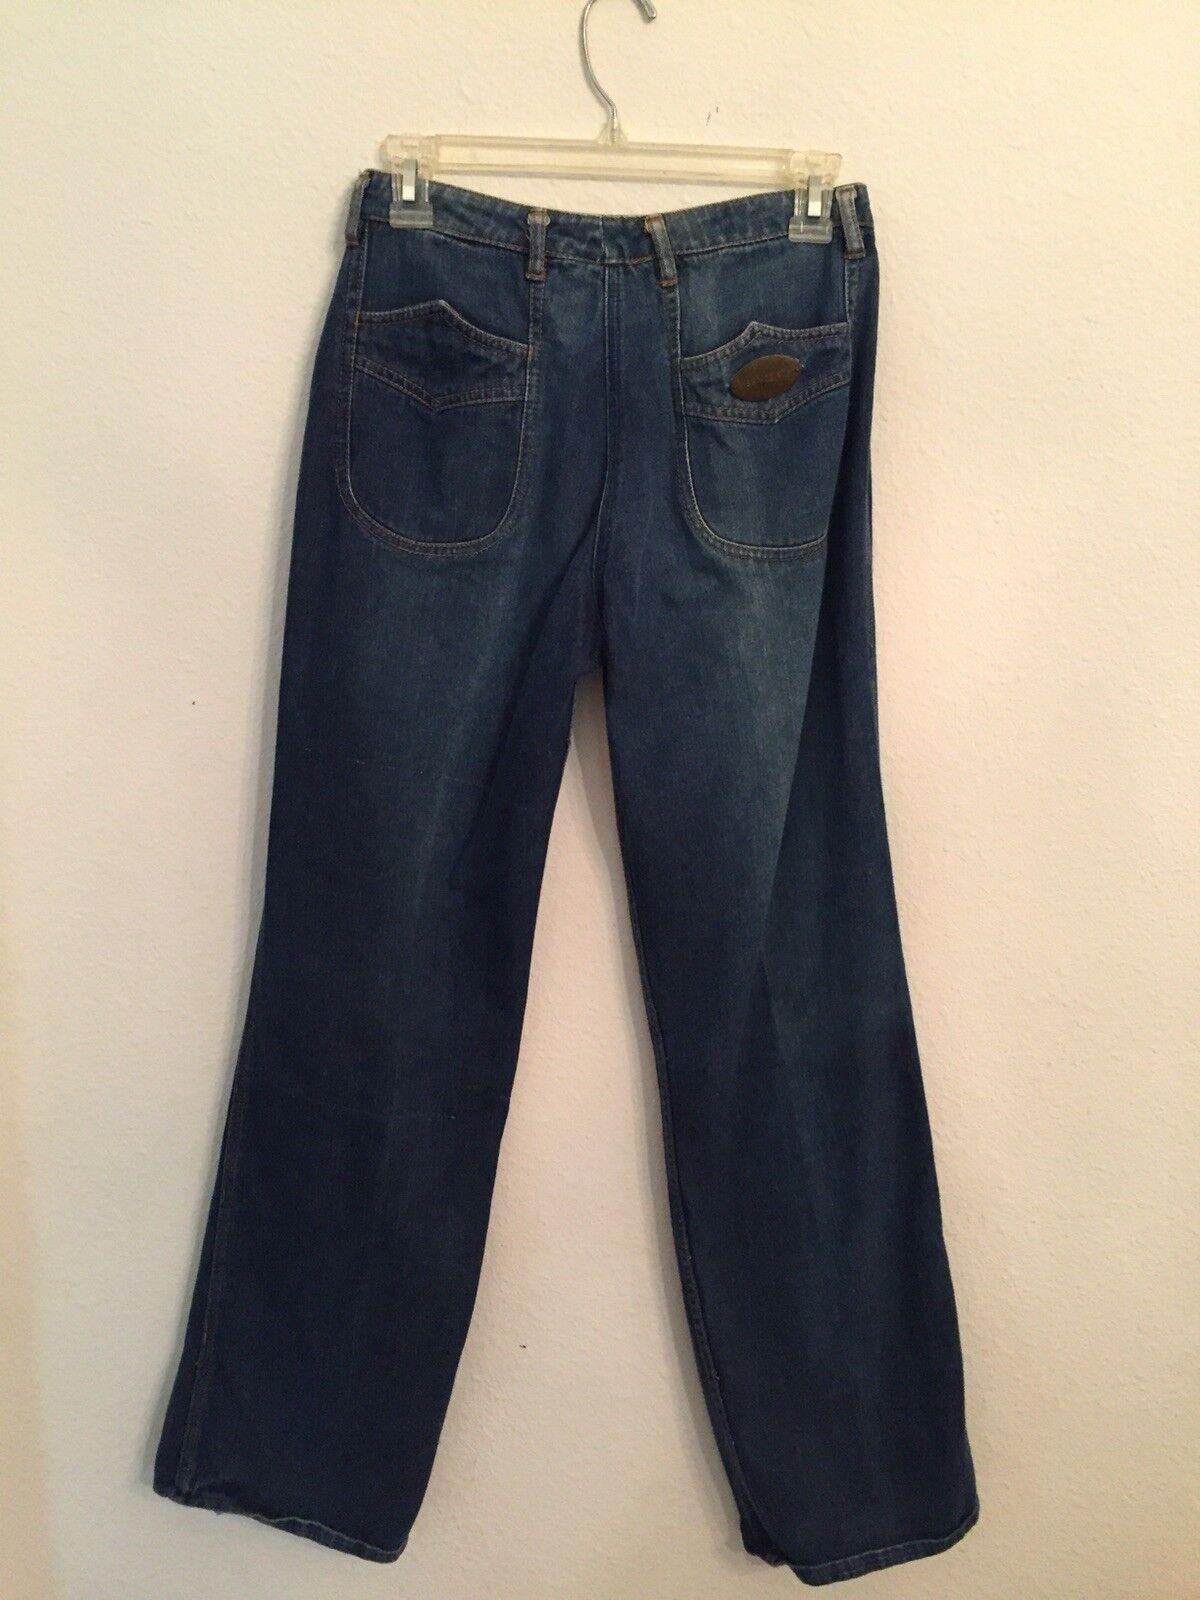 Vintage N'est-Ce Pas? Jeans - image 3